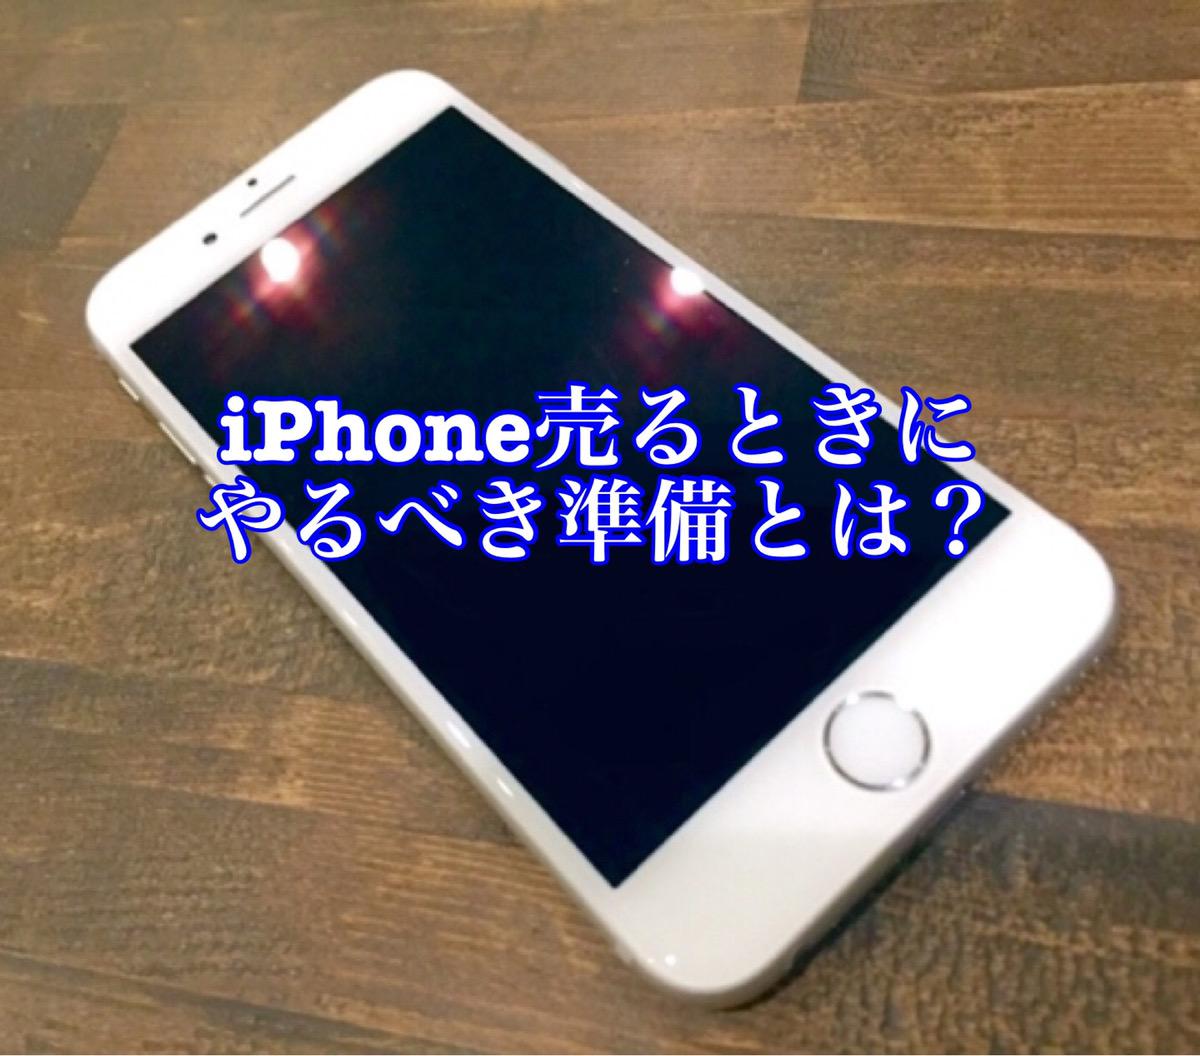 iPhoneを売るときにやるべきこと【買取クイック】